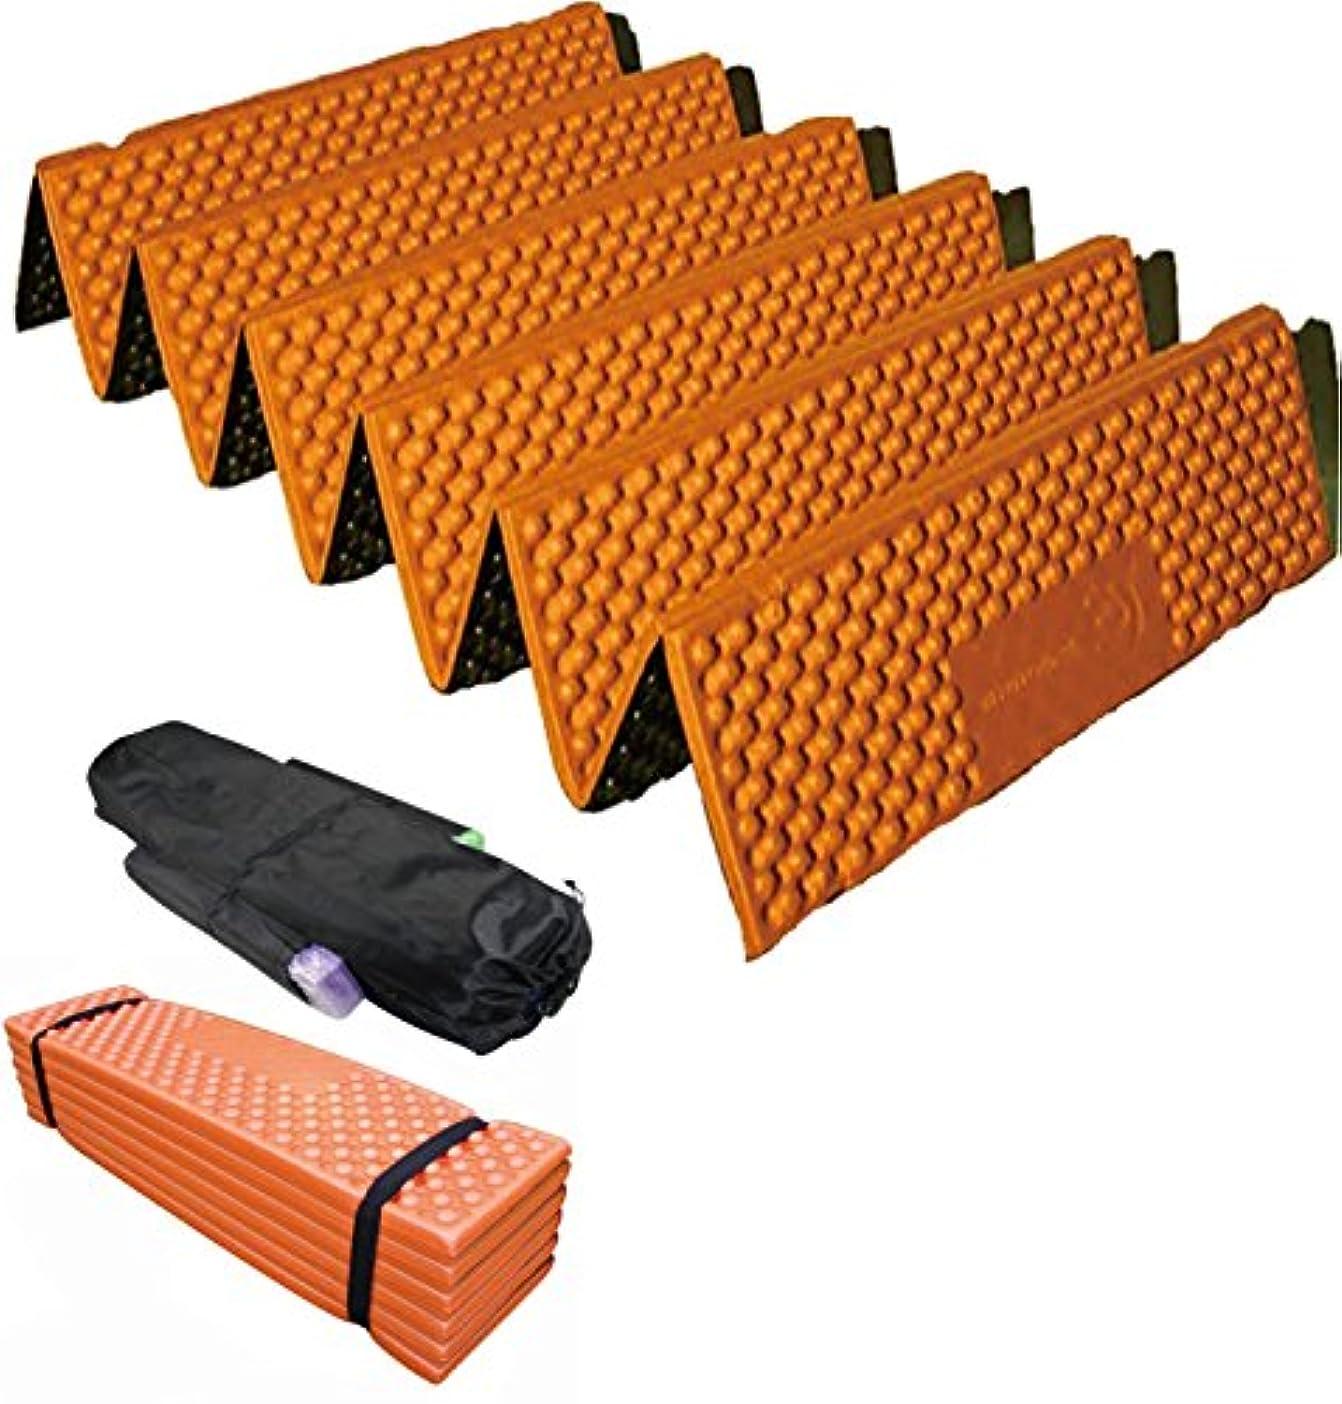 アラブ調べる不足OptiMus 折りたたみ式レジャーマット 折り畳みマット 超軽量 屋内 極厚 専用収納ケース付き アウトドア ヨガ